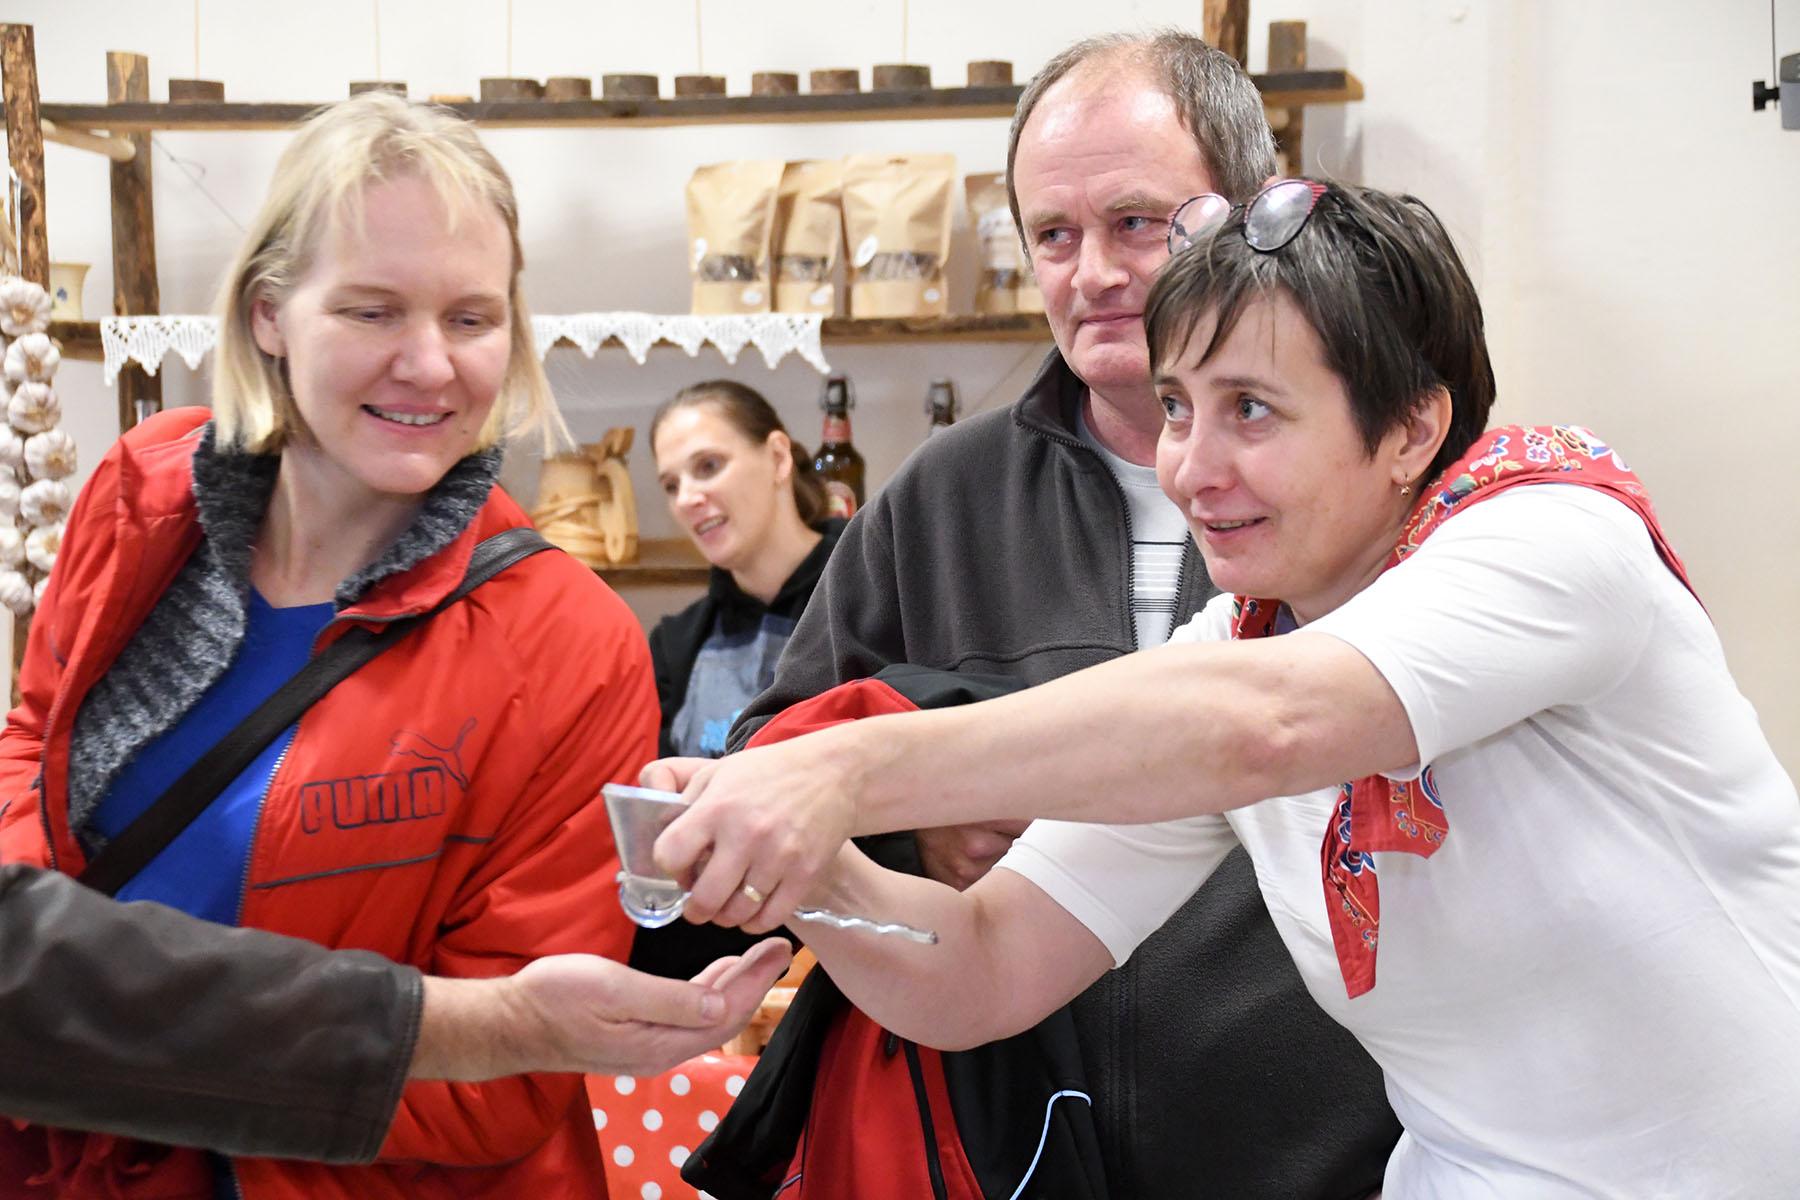 Perebändi Rannarada muusik Ülle Ots hindab Seljametsa sügislaadal Valdu Välimäe kogus leiduva vändaga kodumasina headust. Foto Urmas Saard